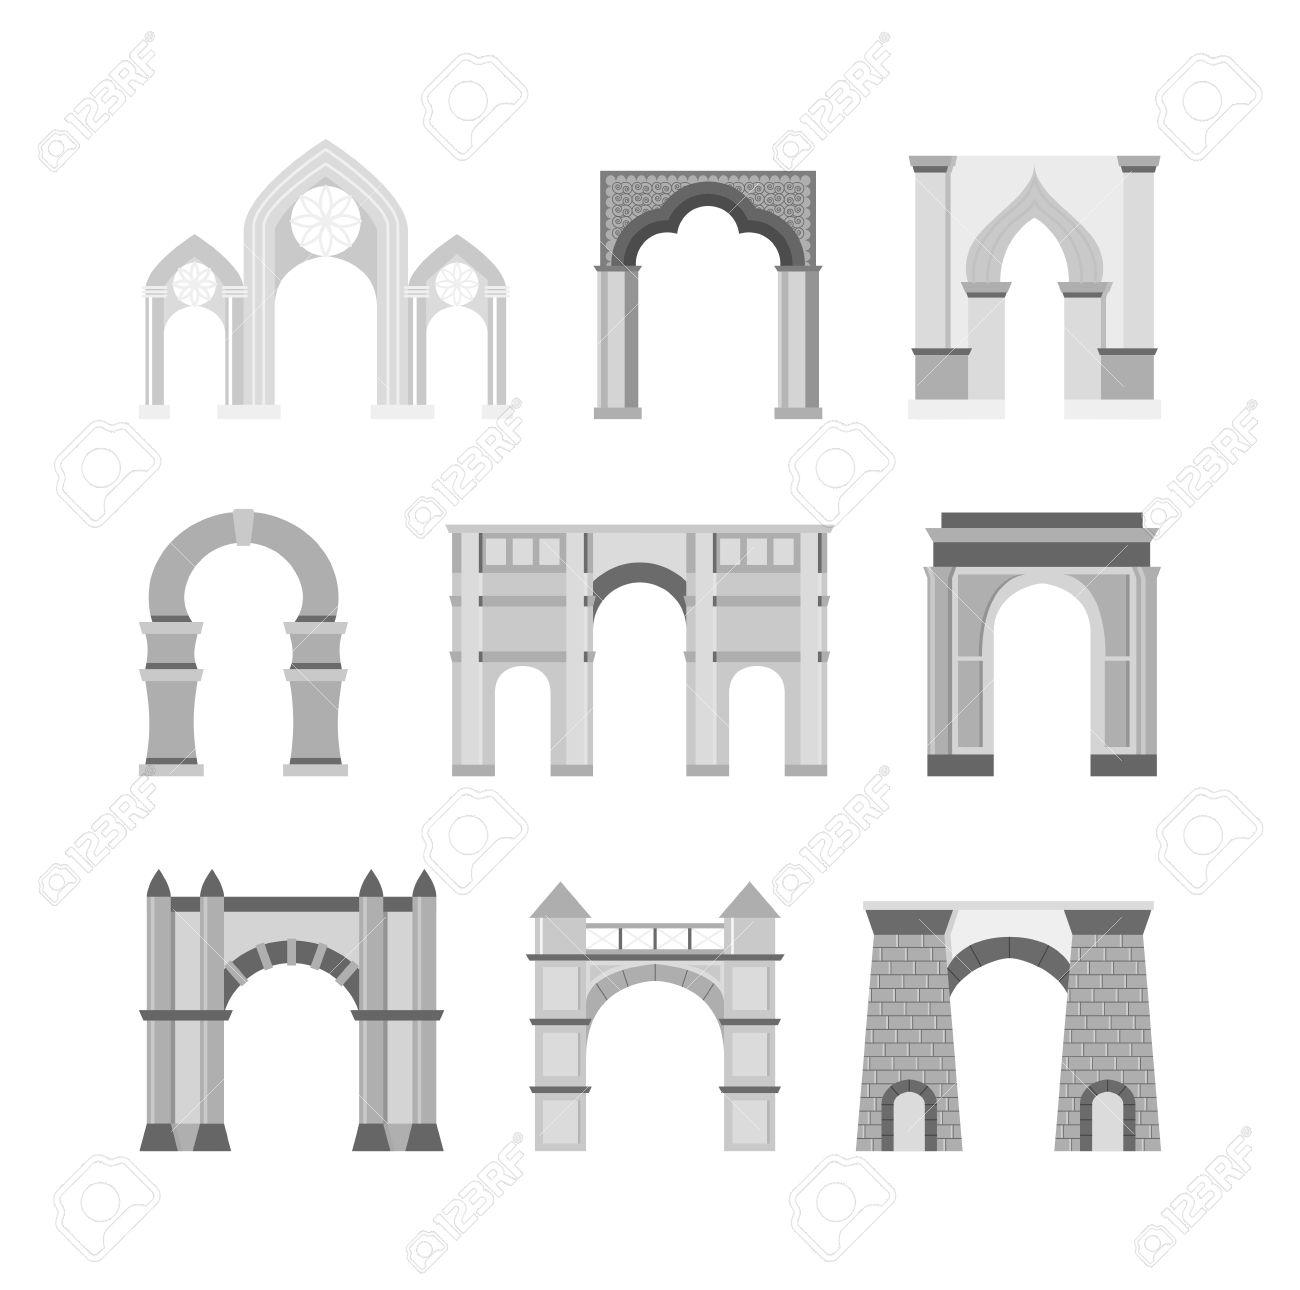 Arco Conjunto De Vectores Y La Arquitectura Antigua Marco De Arco ...